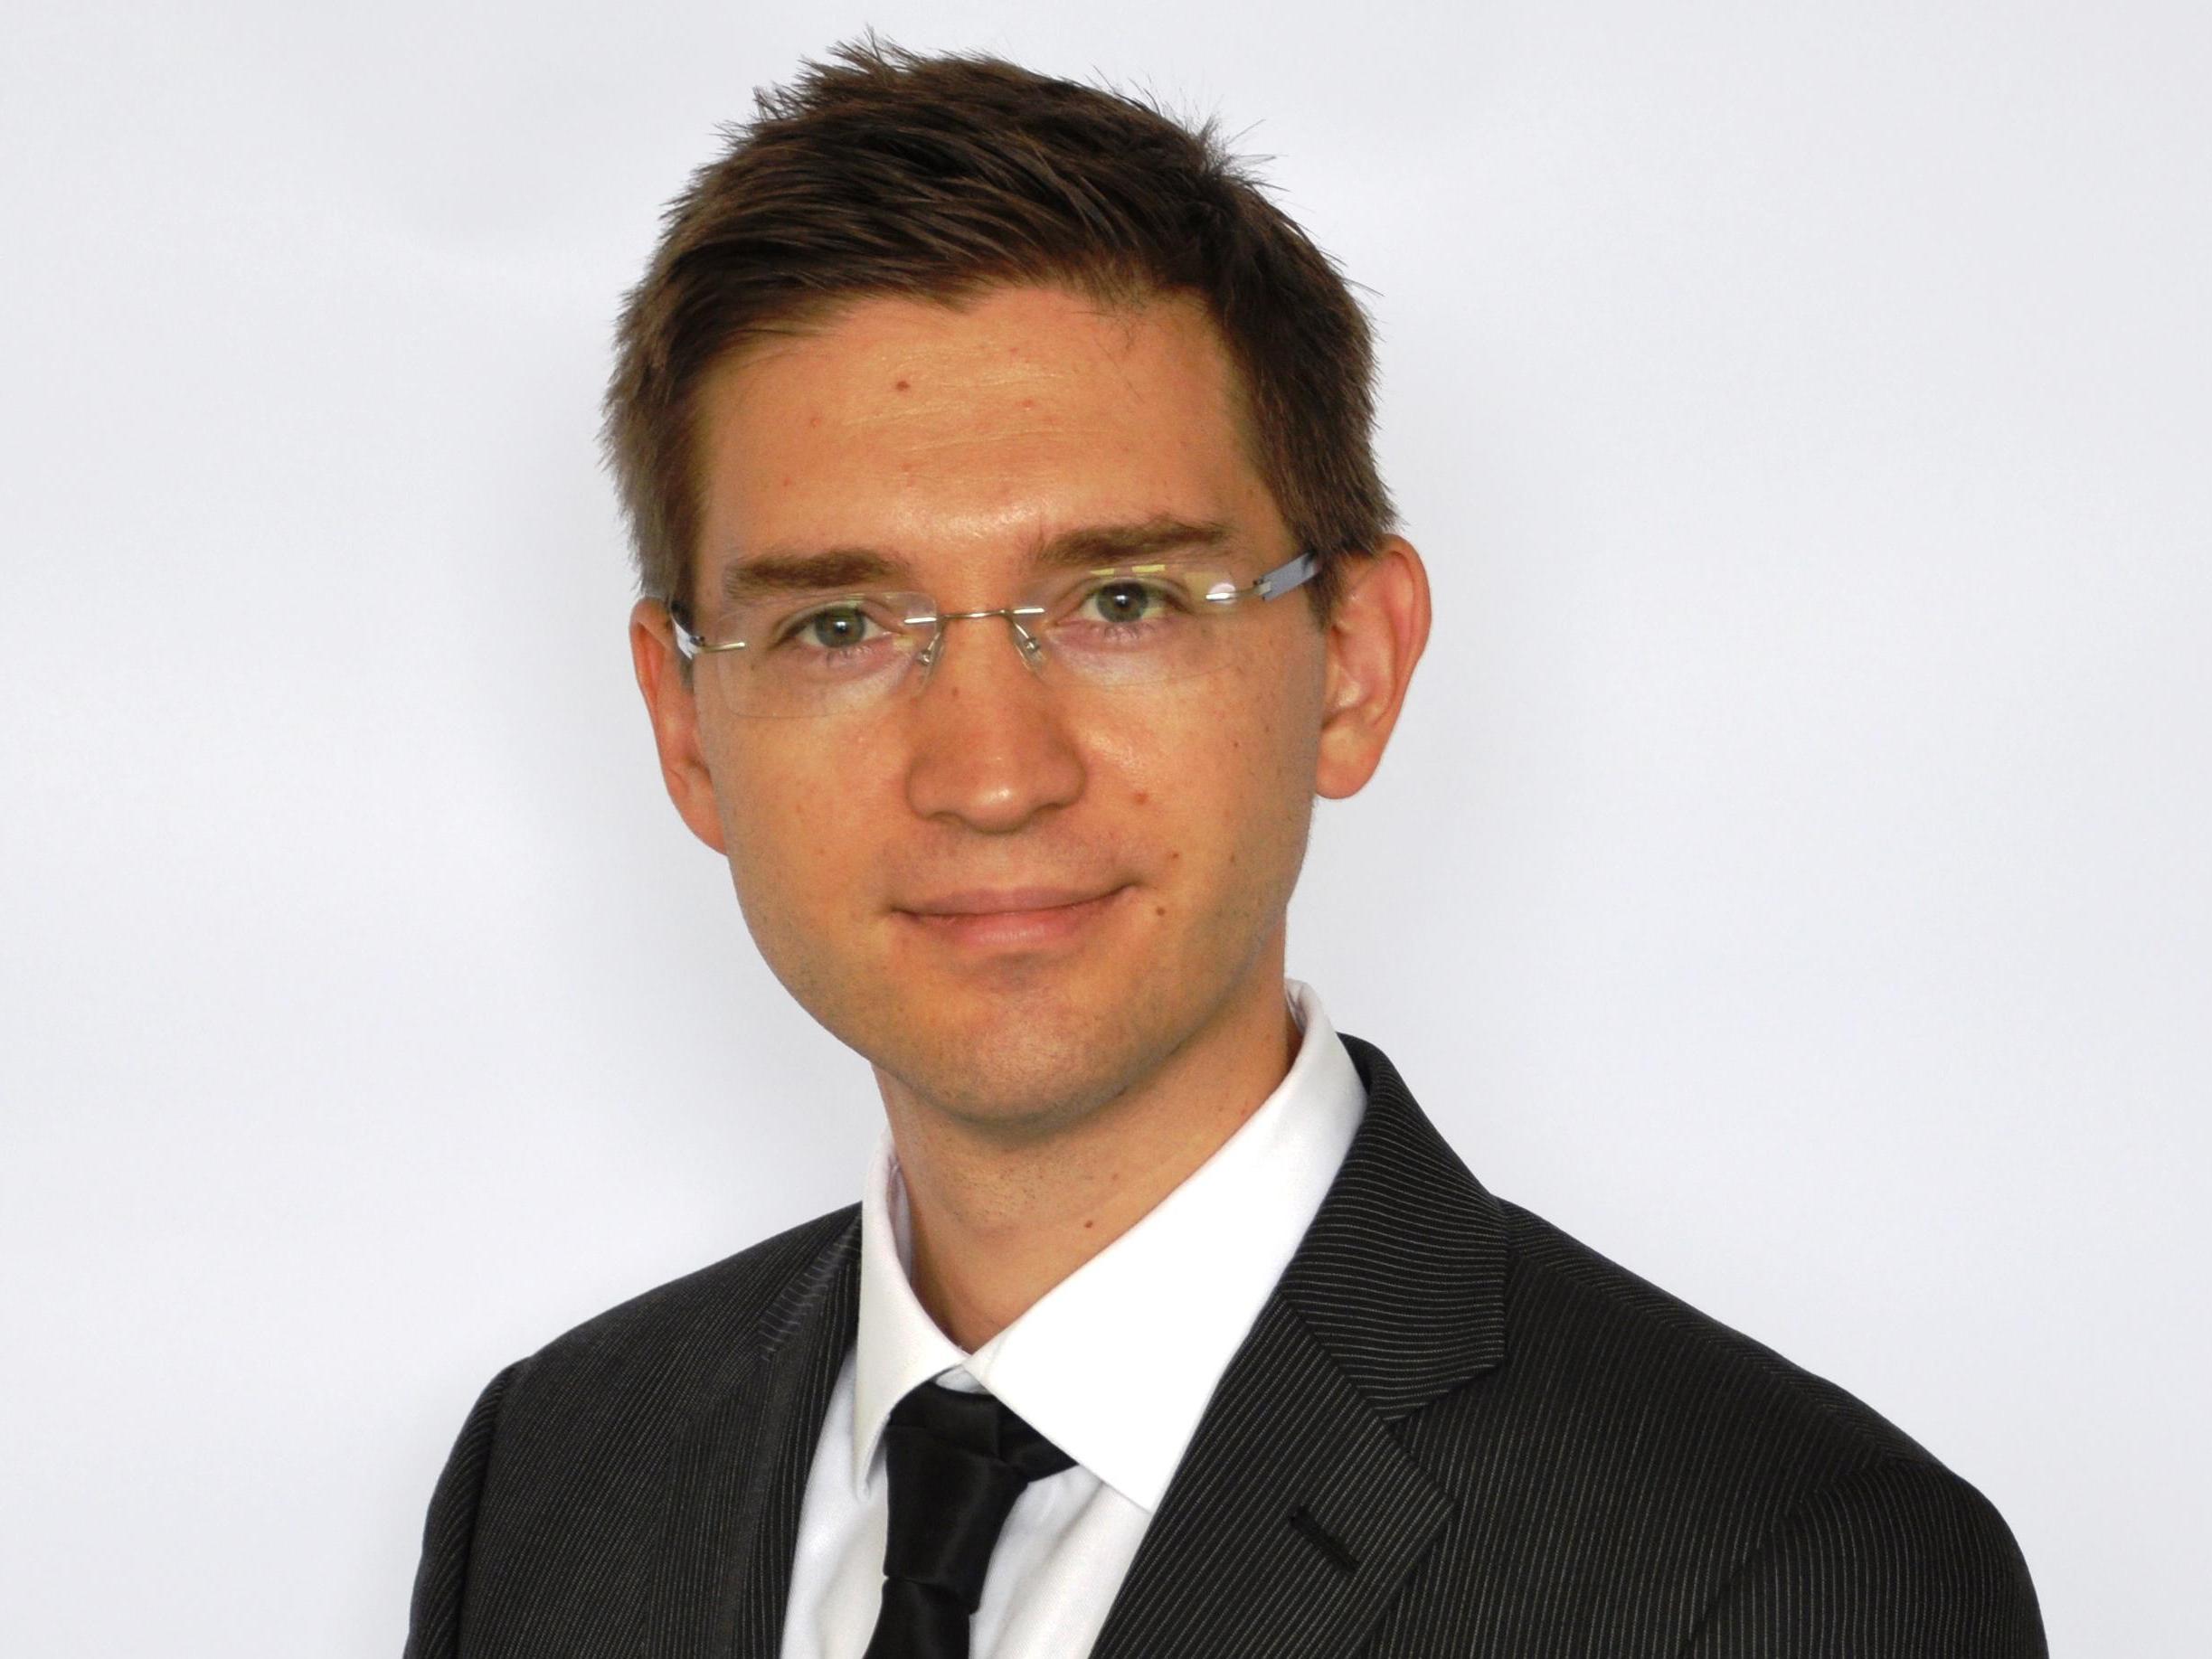 Le Prof. Boris Nikolov nommé membre affilié à la recherche auprès de l'European Corporate Governance Institute (ECGI)